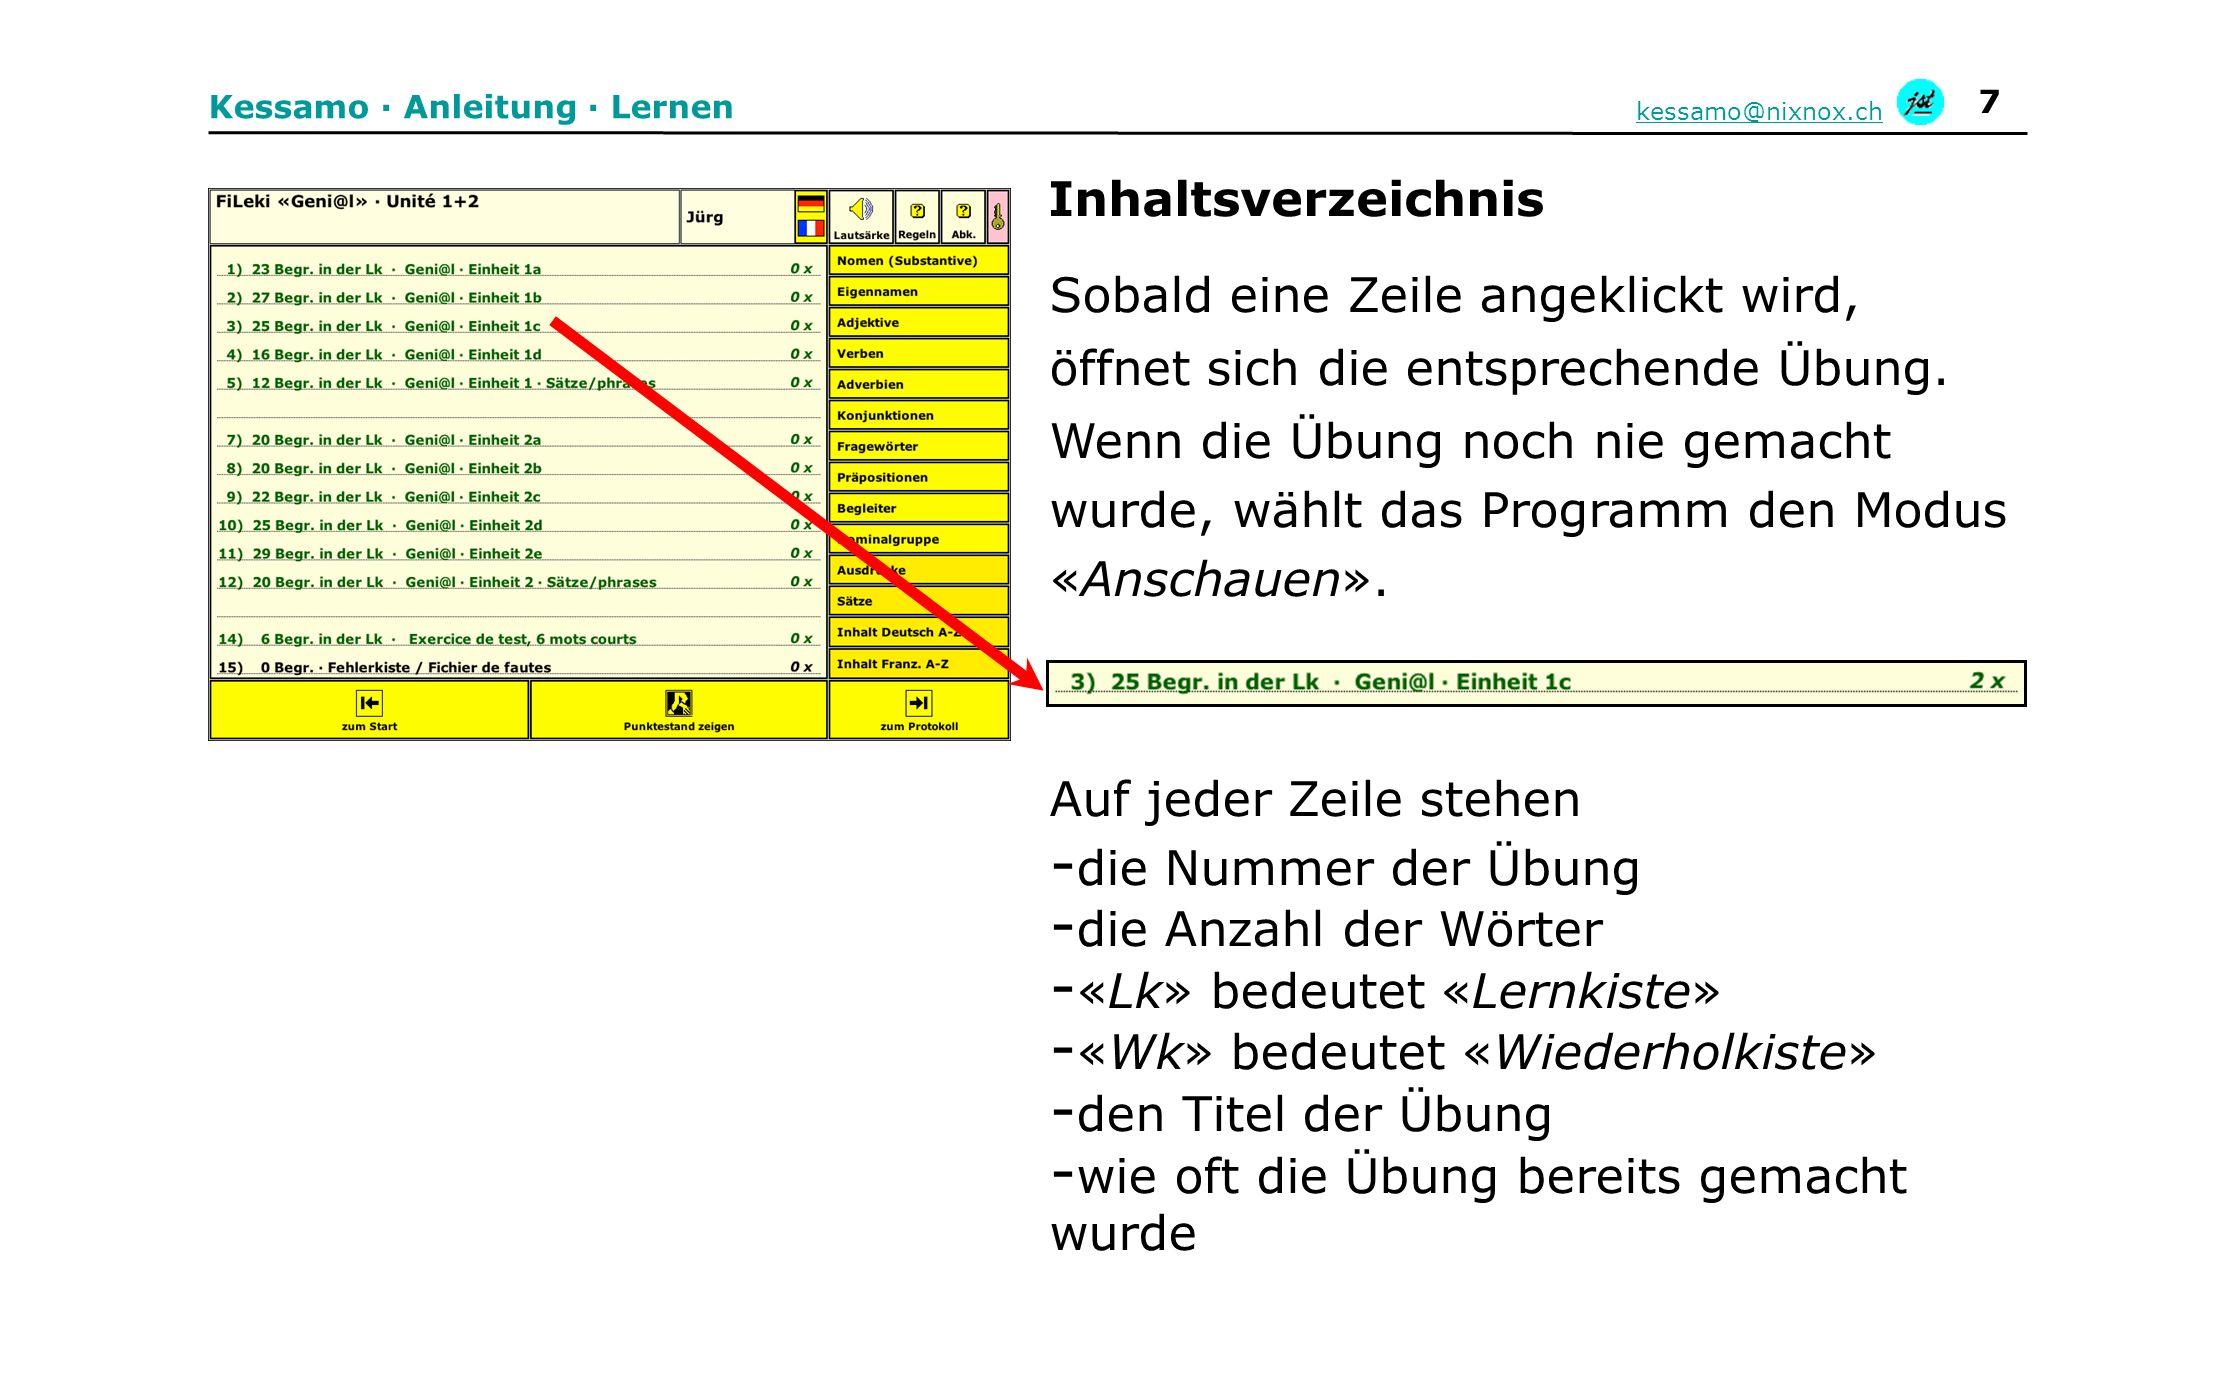 8 Kessamo · Anleitung · Lernen kessamo@nixnox.ch - jede Übung muss zuerst im Modus «Anschauen» gemacht werden - man sieht das Wort in beiden Sprachen und hört es auf deutsch - die Aussprache kann beliebig oft abgehört werden - nach einem Klick auf «nächstes Wort» erscheint das nächste Wort - nach dem Anschauen haben alle Wörter 1 Punkt - nach dem letzten Wort erscheint wieder das Inhaltsverzeichnis Modus «Anschauen»